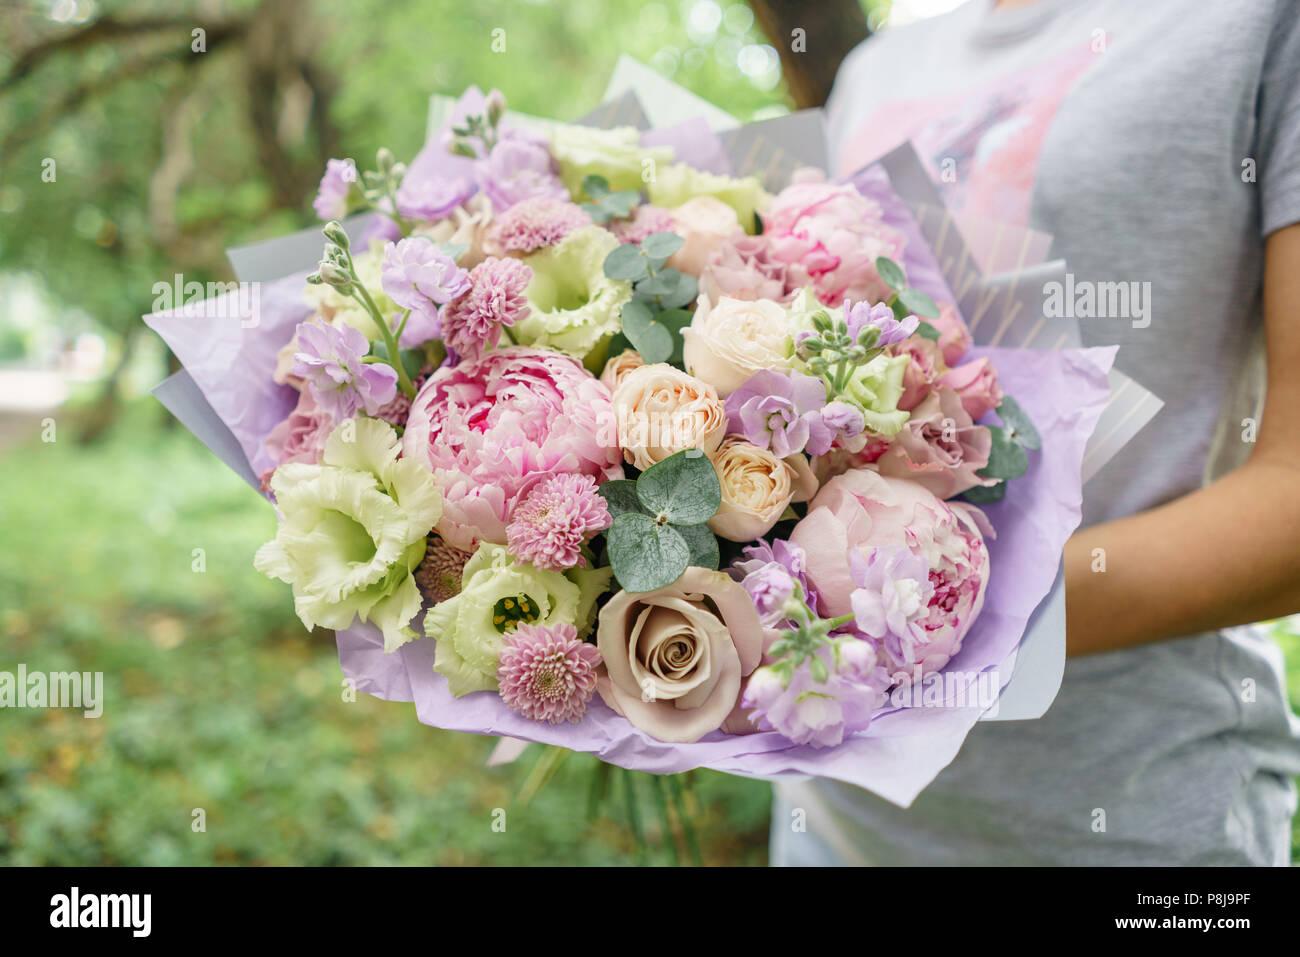 Mazzo Di Fiori X Ragazza.Bella Estate Bouquet Disposizione Con Un Mix Di Fiori Giovane